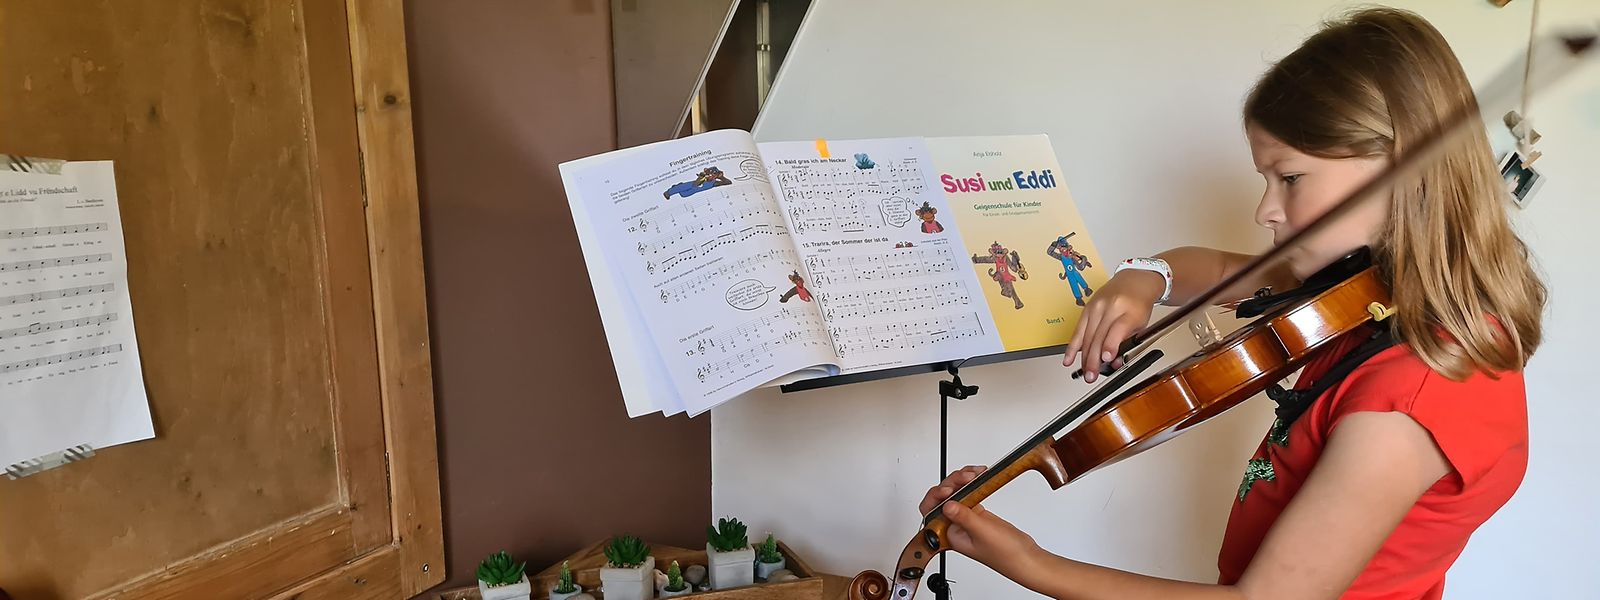 Während die Individualkurse in den meisten Musikschulen wieder aufgenommen wurden, werden diese bei der UGDA größtenteils weiter via Videochats durchgeführt.